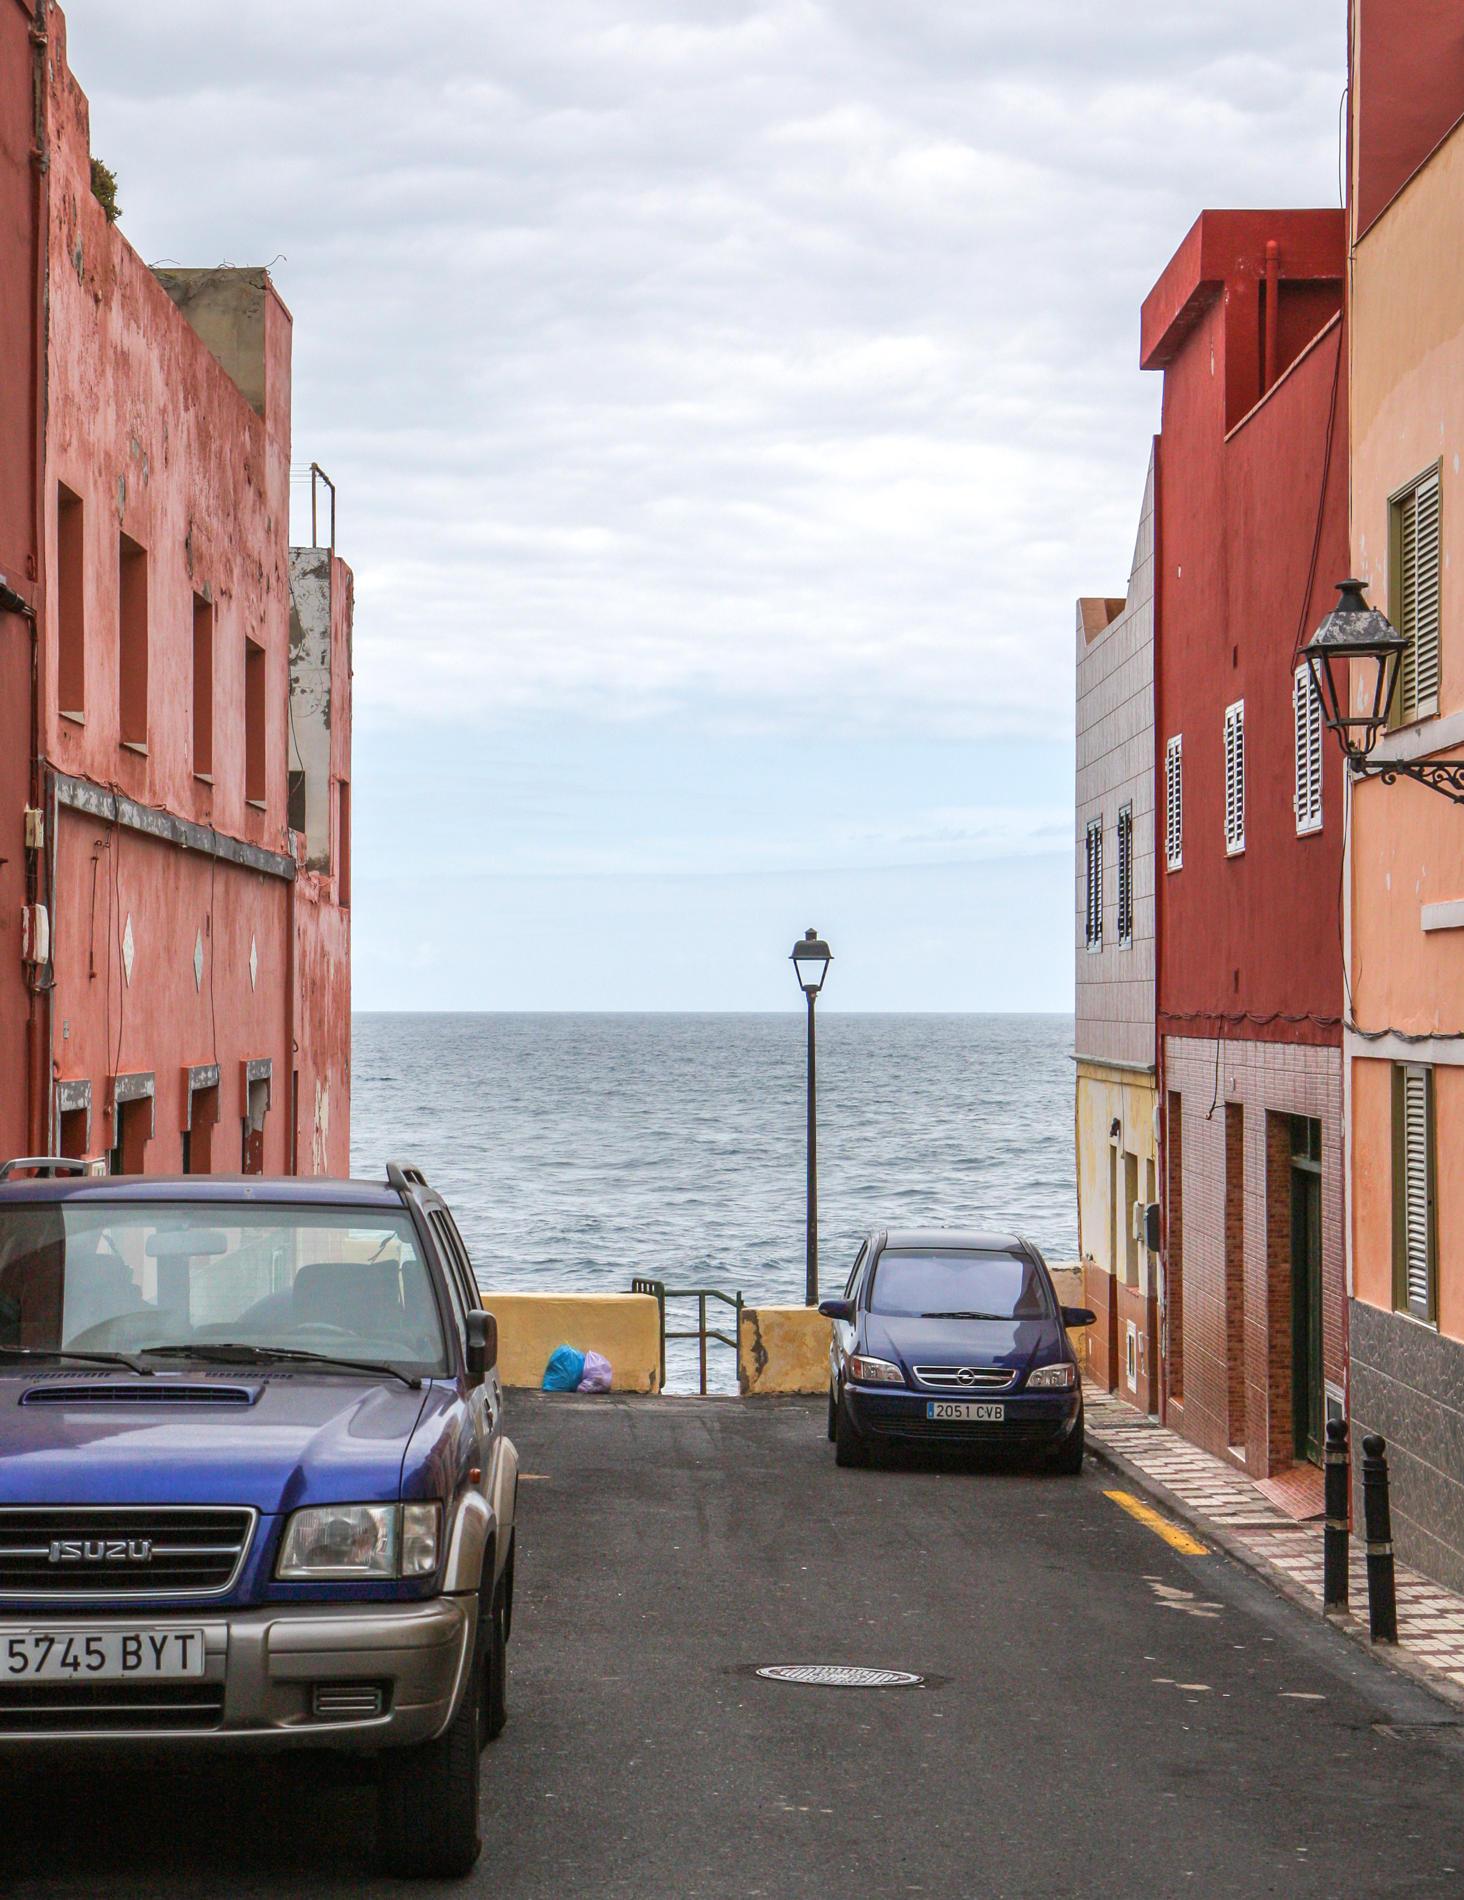 Parkplatz mit Meerblick: Die Straßen enden teilweise direkt am Atlantik.